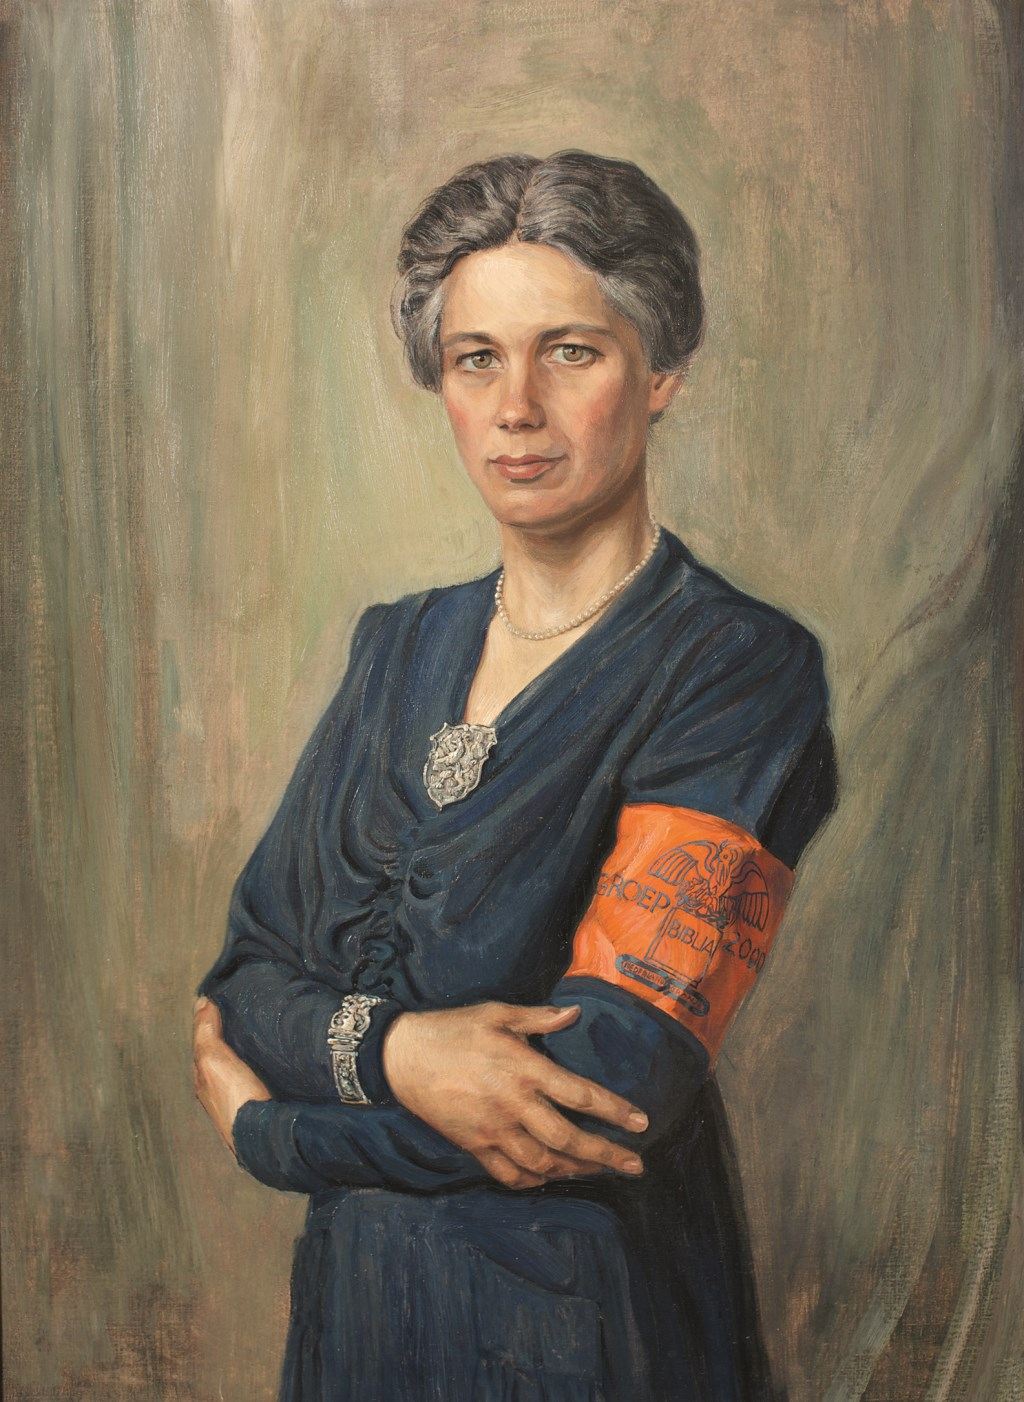 Julius van Hoffen: 'Jacoba van Tongeren was een sterke vrouw uit de Tweede Wereldoorlog die, met een onvoorstelbare moed en uithoudingsvermogen, een vitale rol speelde in het Amsterdamse verzet'.   © De Vierklank